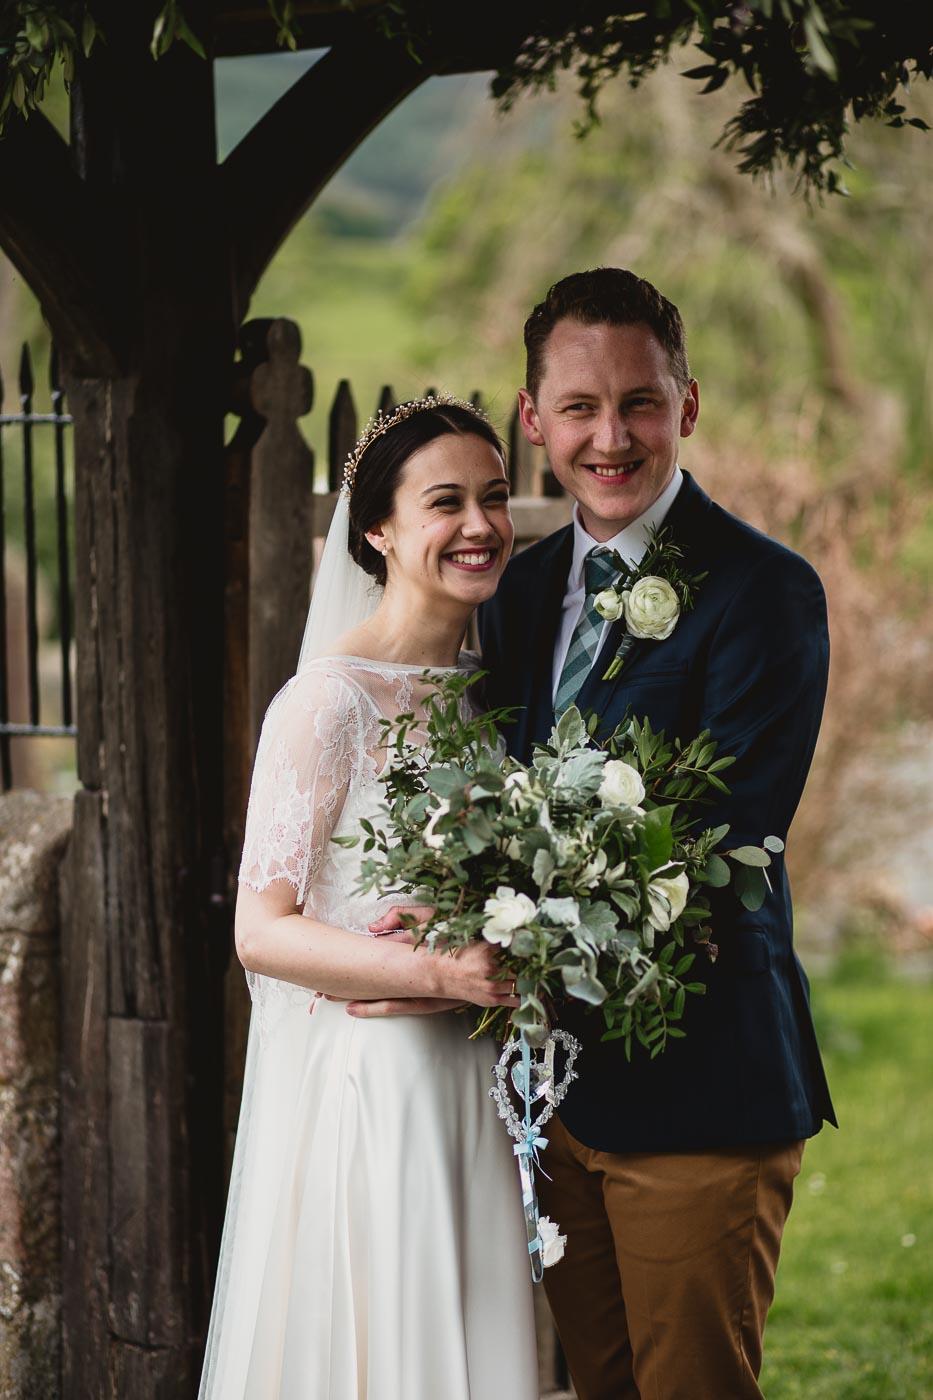 Portrait of the happy couple under church arch with gorgeous bridal bouquet, Wedding Portraits Lancashire